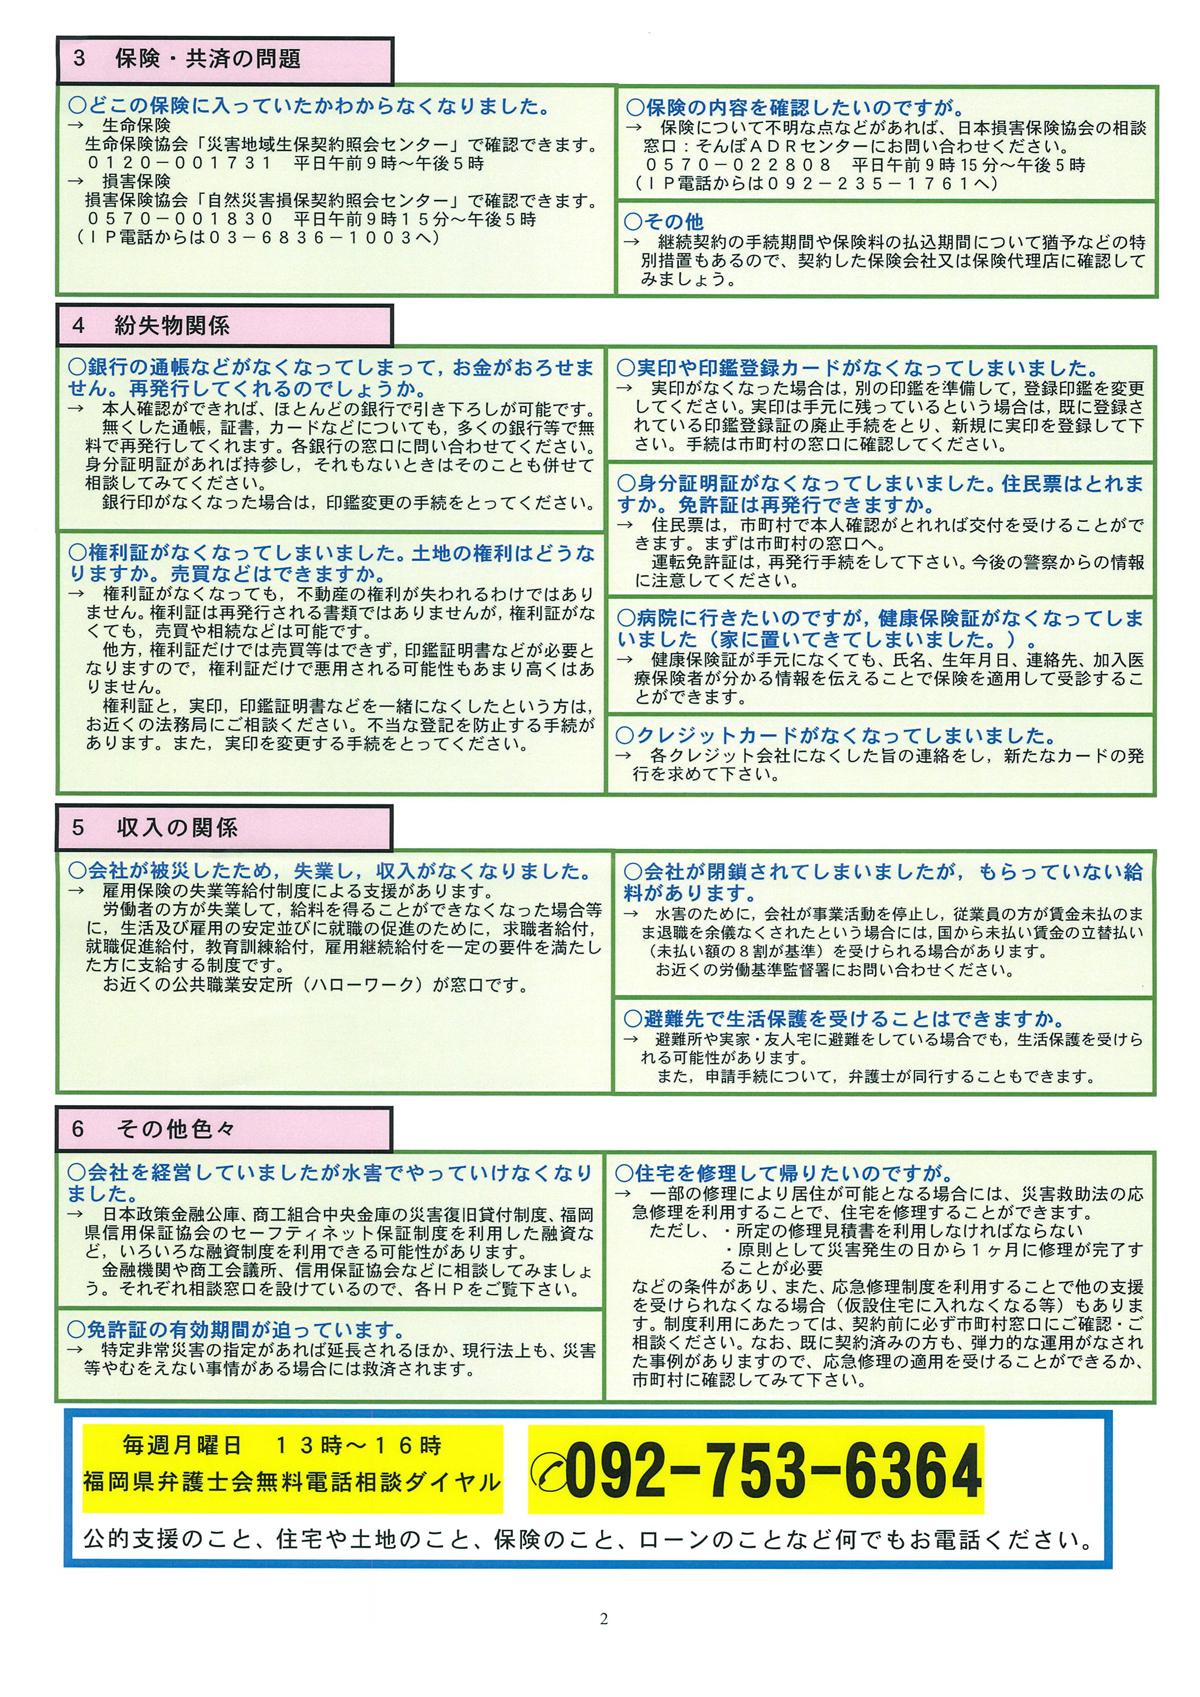 九州北部豪雨に関する無料法律相談(面談・電話)を行います